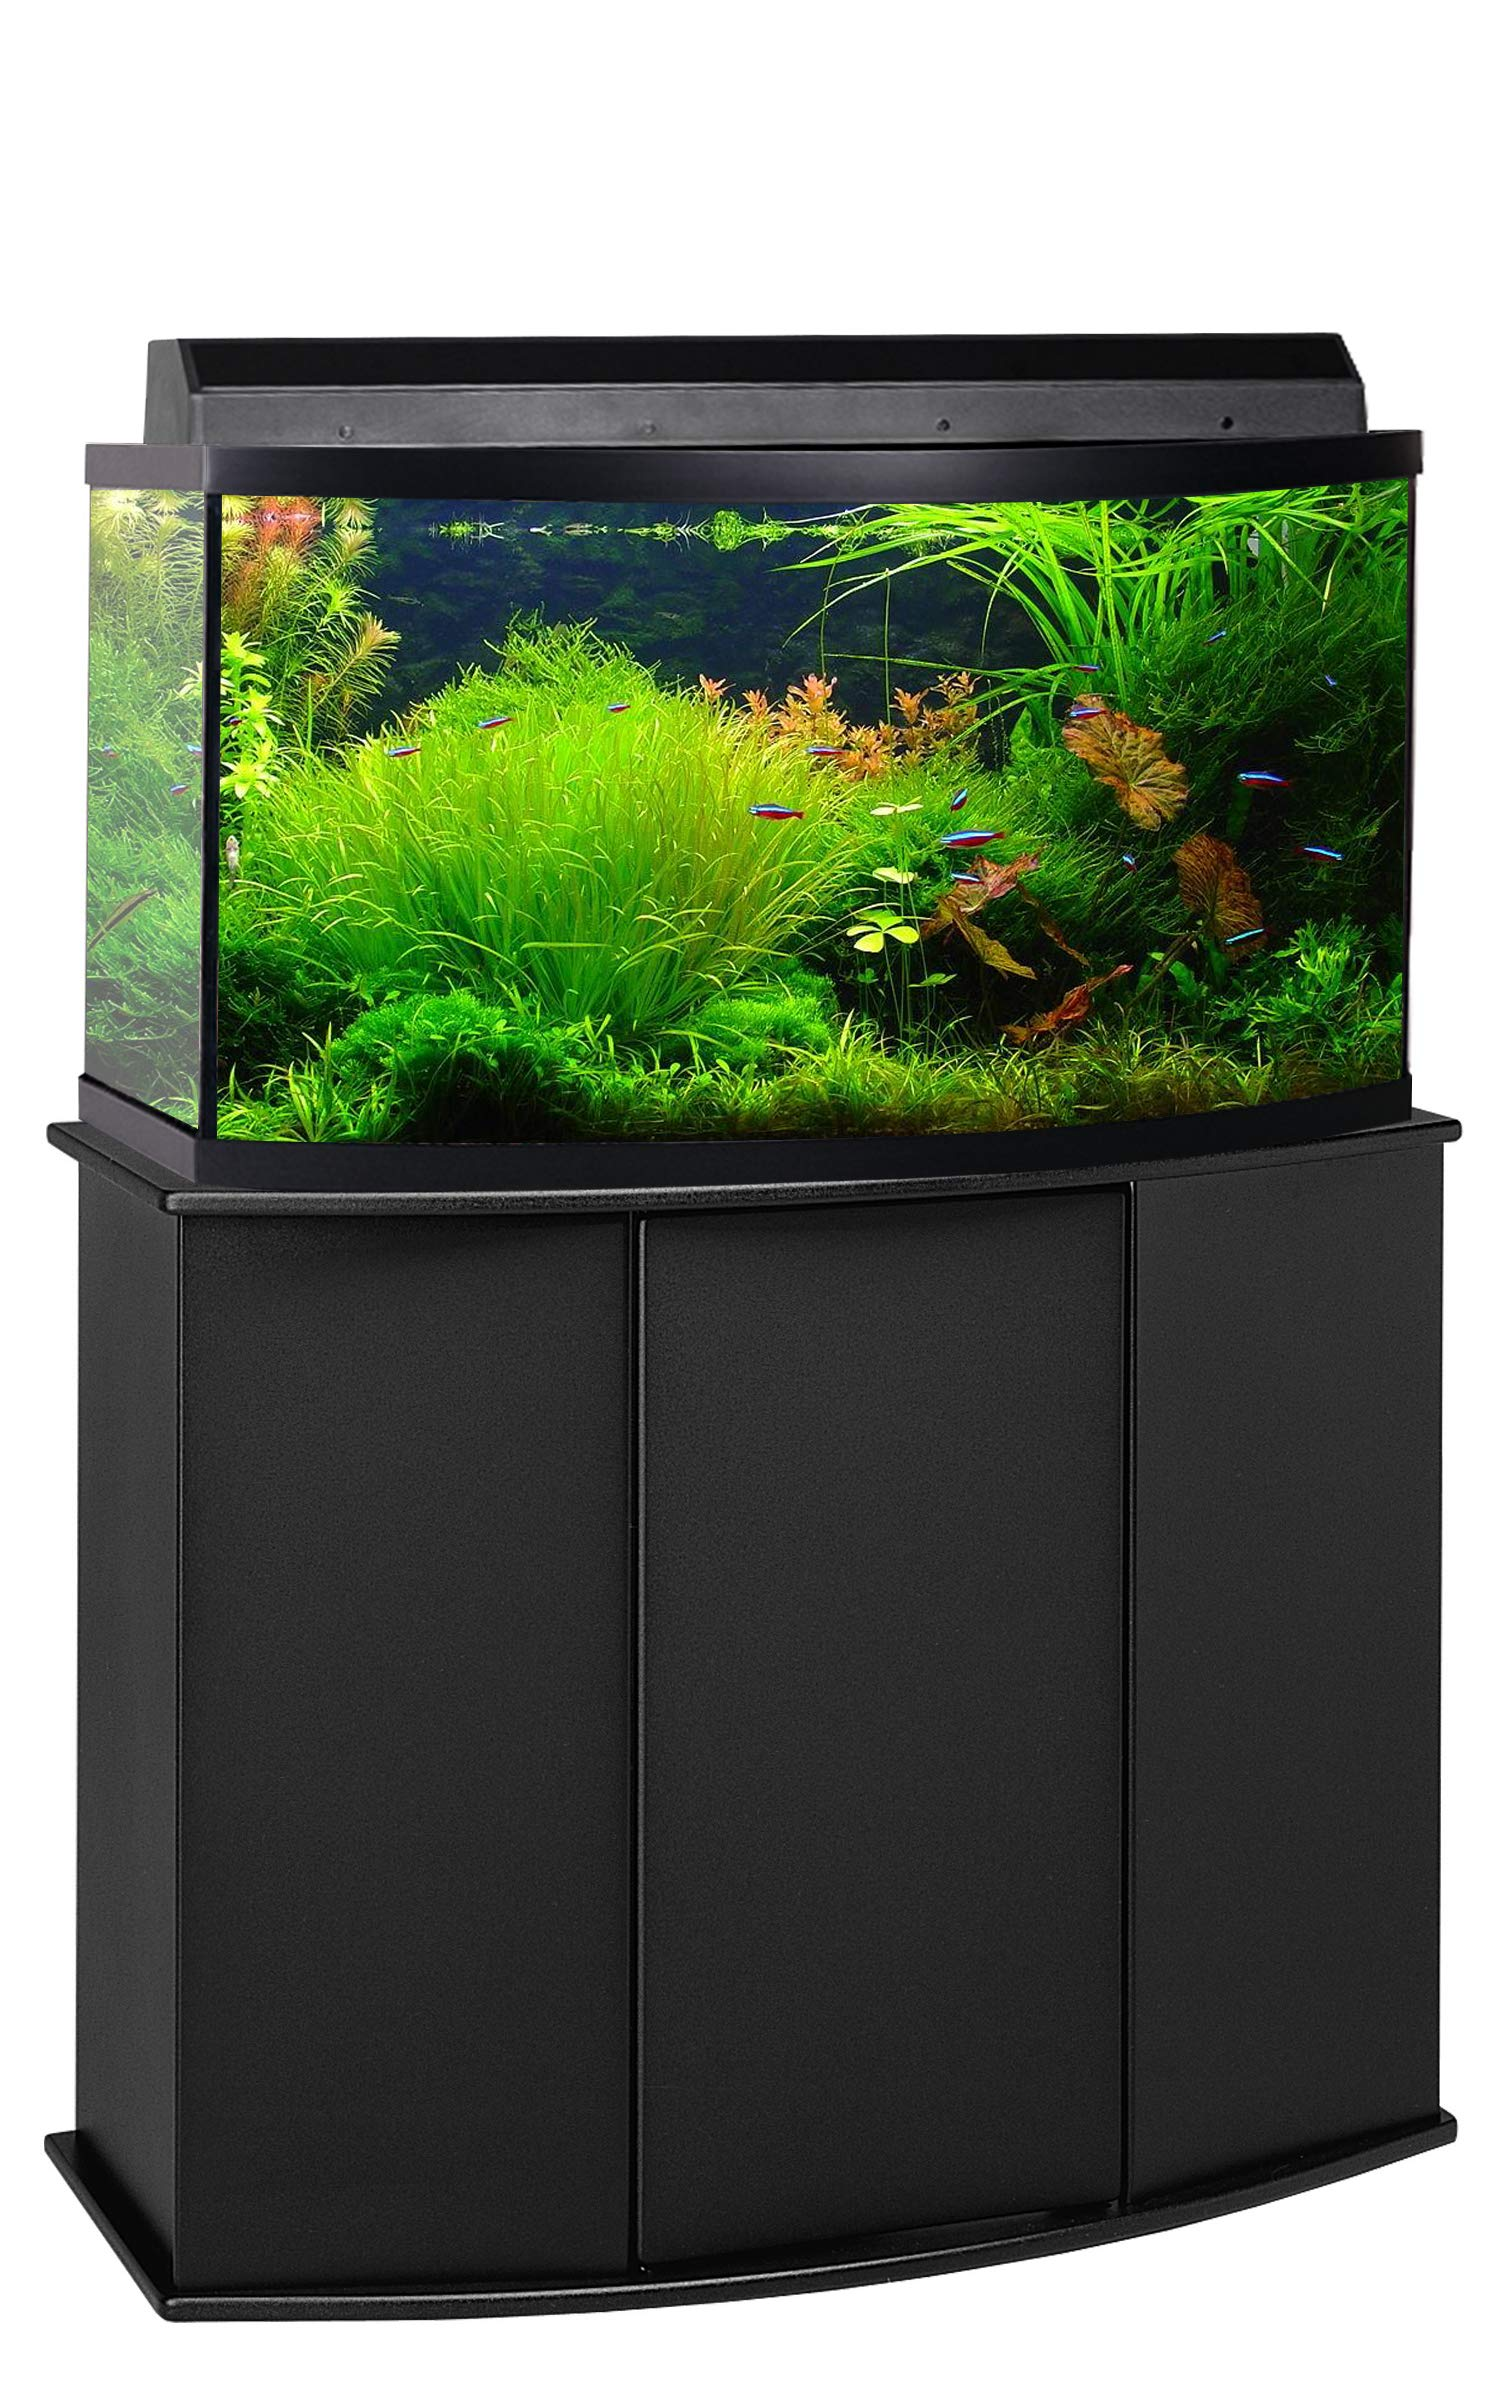 Aquatic Fundamentals Aquarium Stand, Bow Front, Black by Aquatic Fundamentals